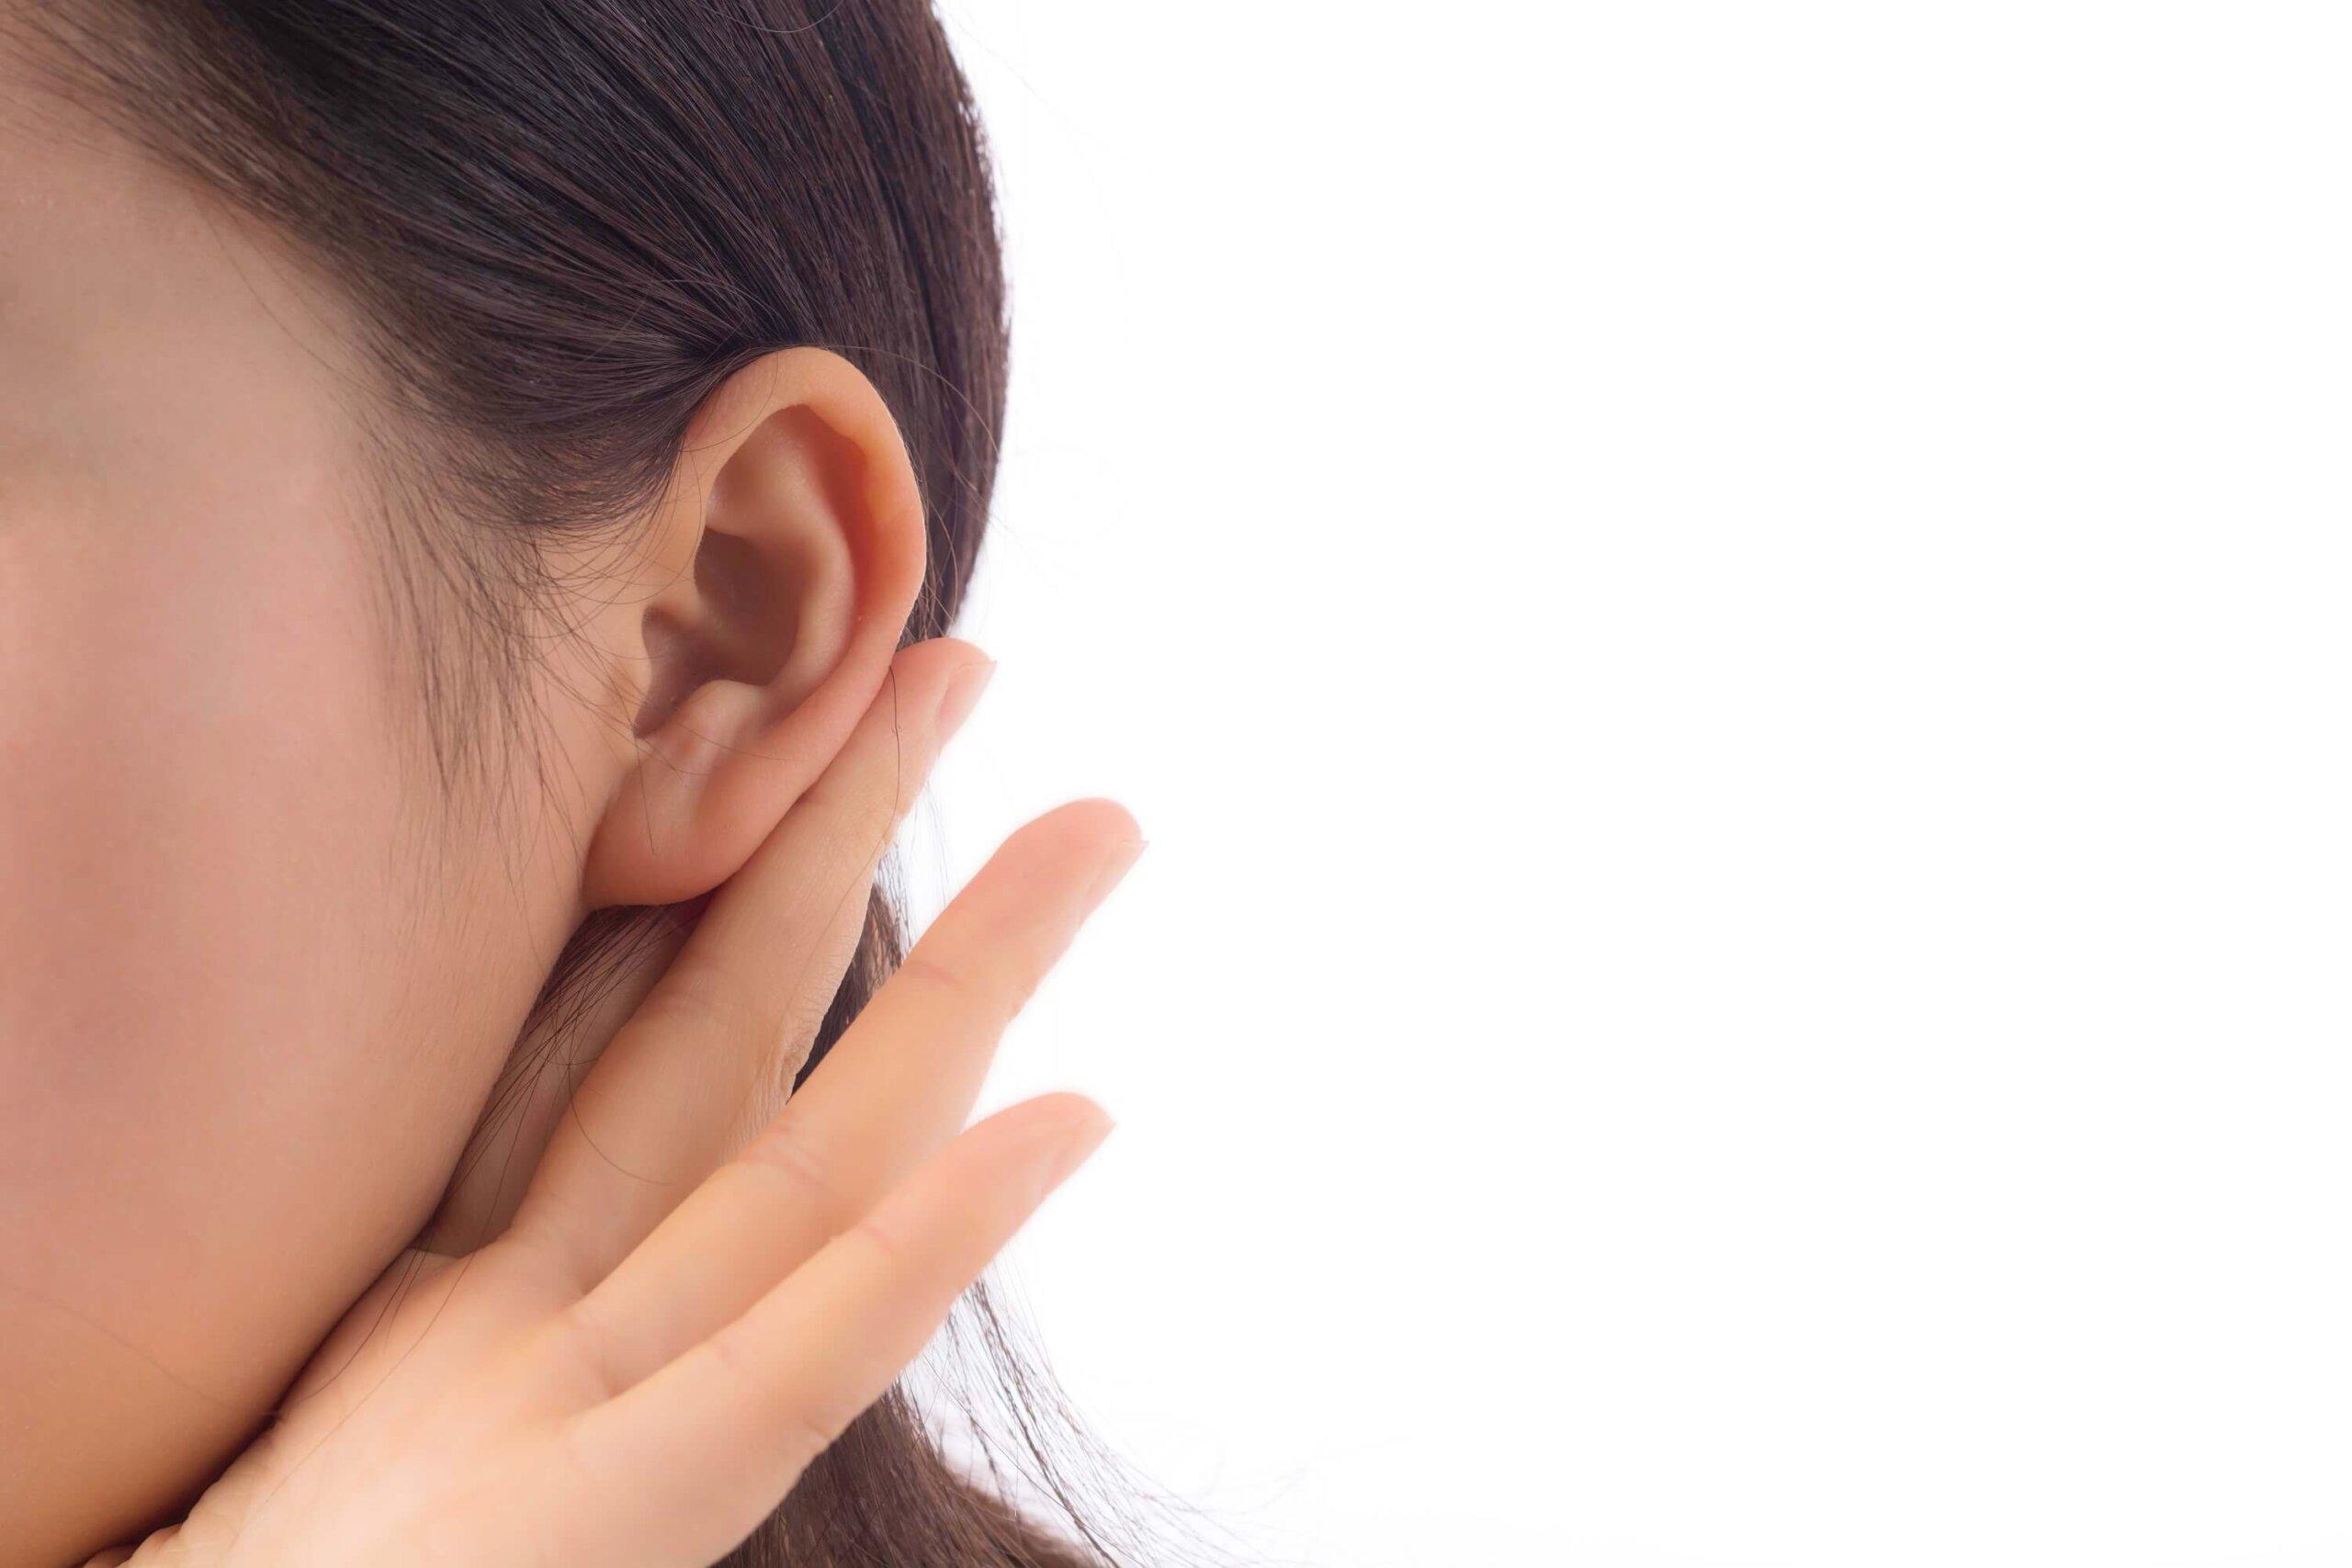 Cómo es tener tinnitus